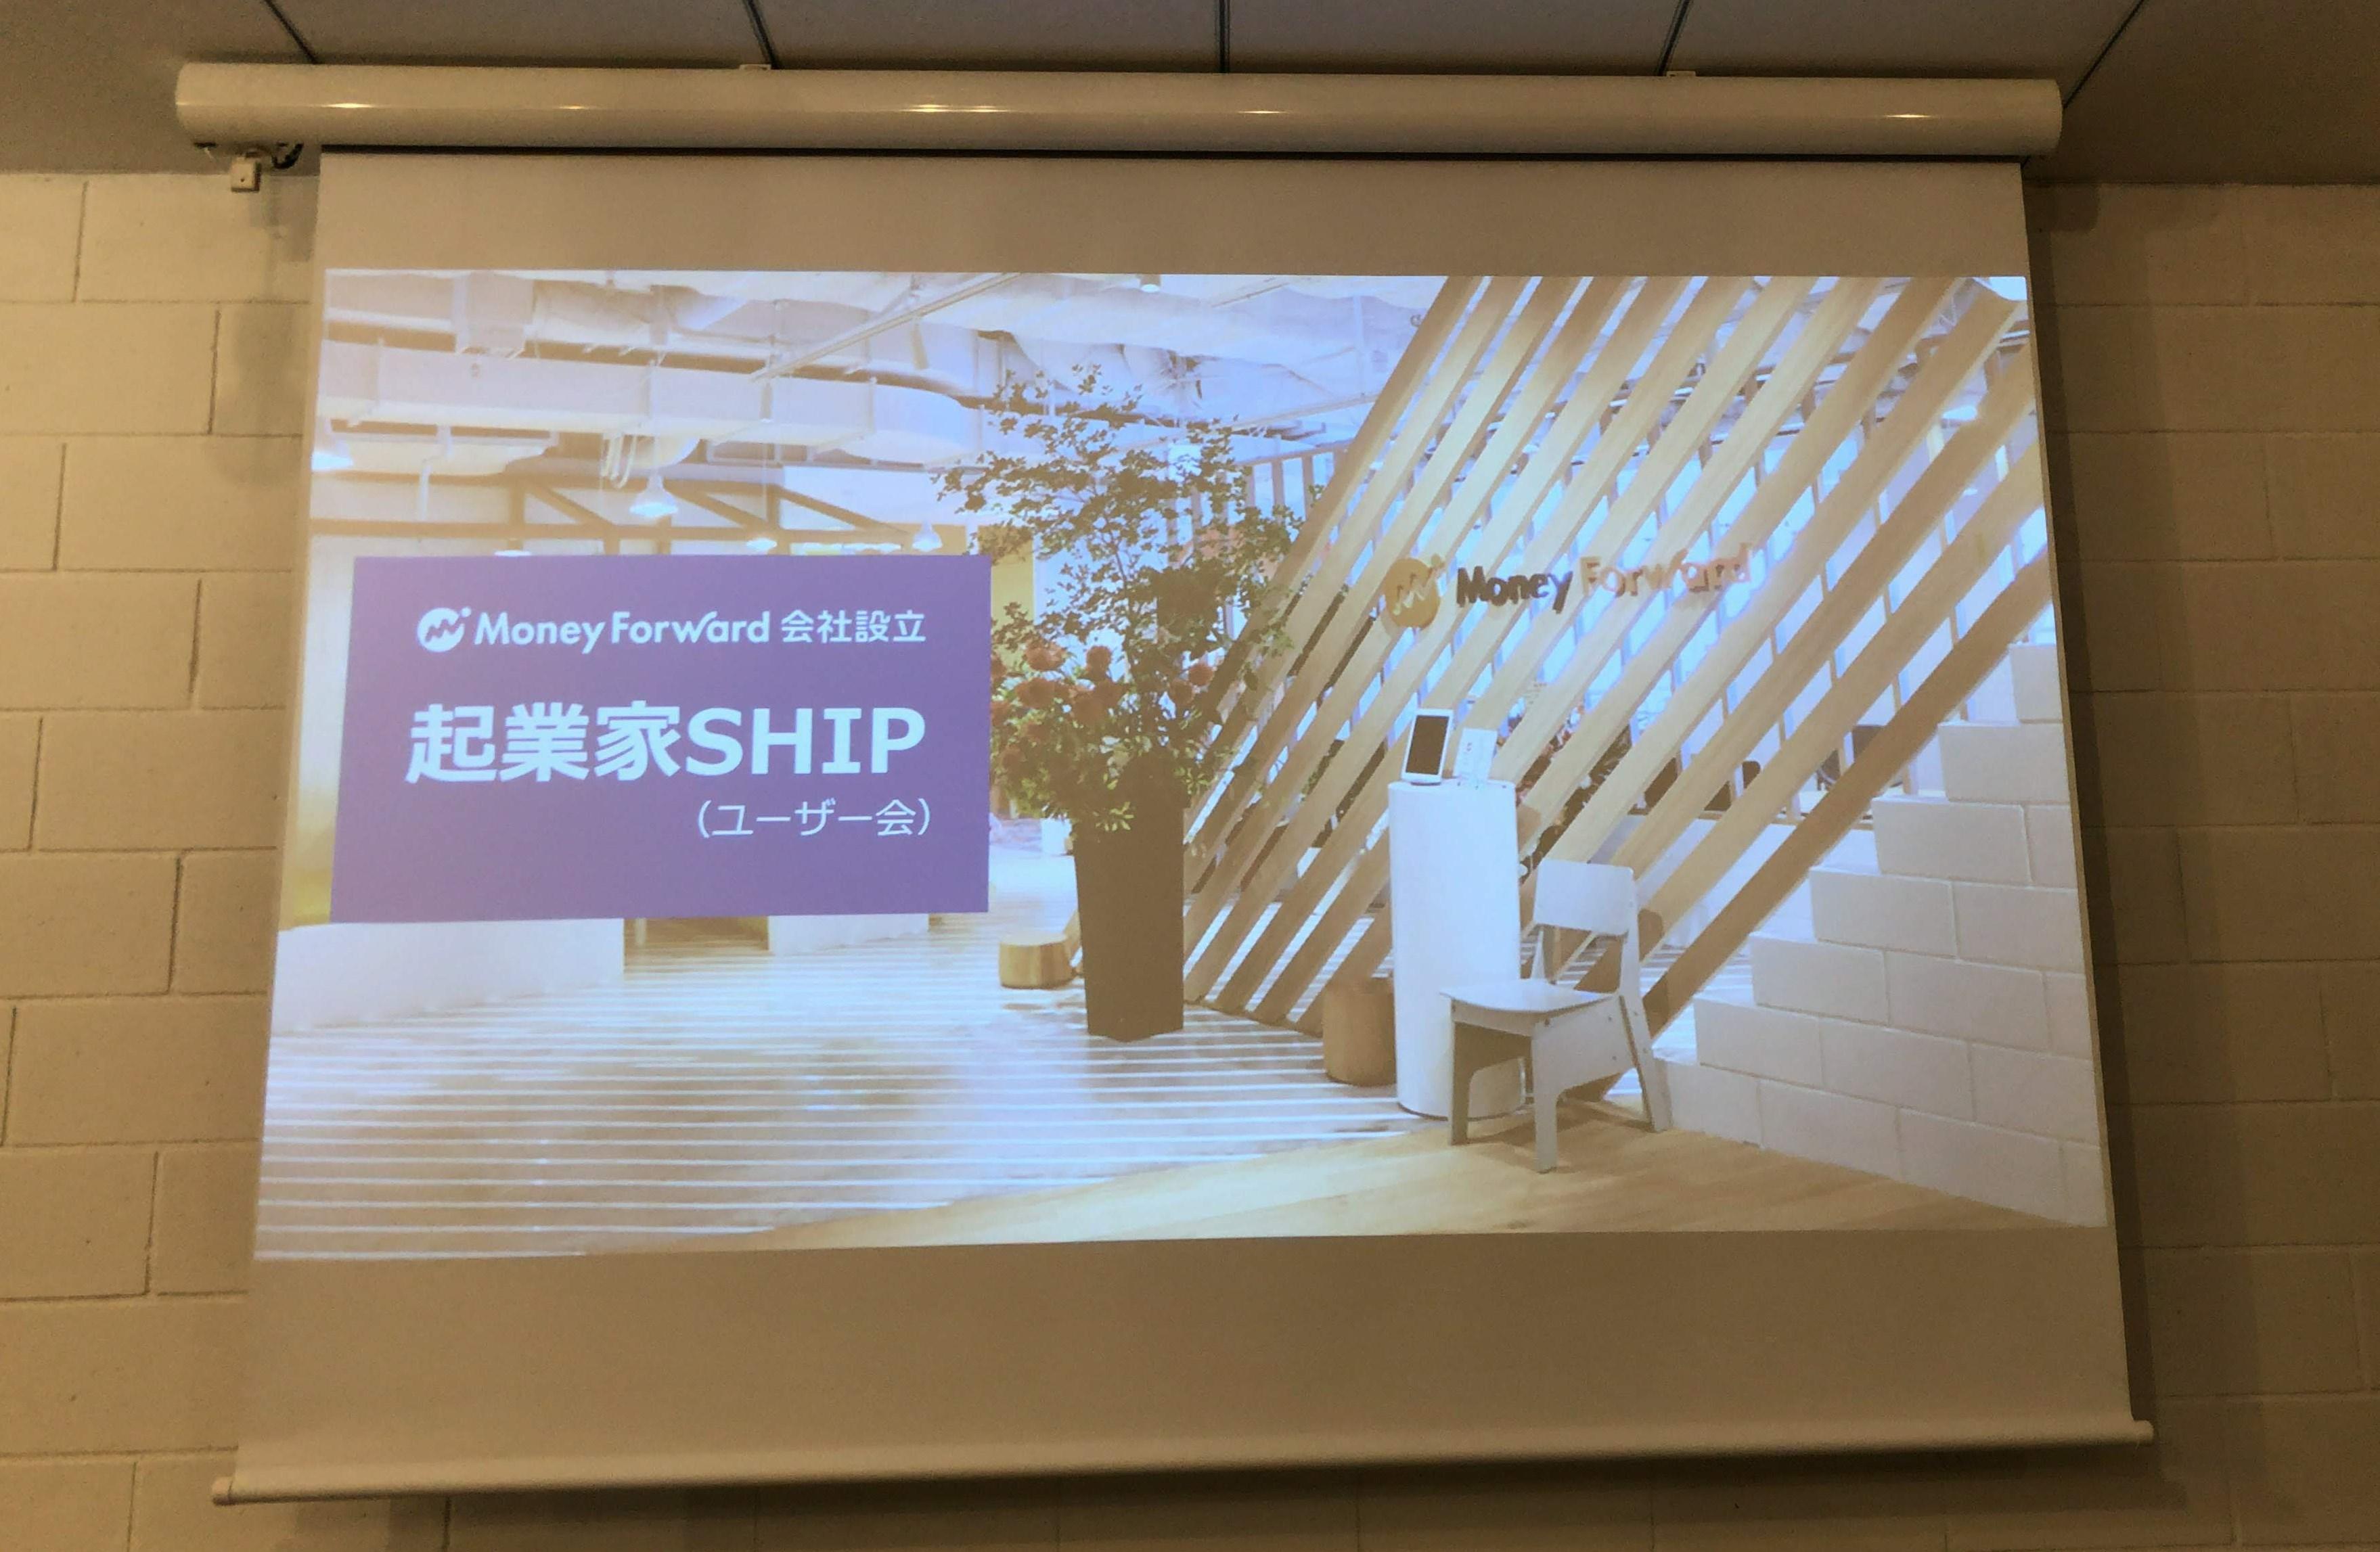 マネーフォワード会社設立ユーザー会「起業家SHIP」